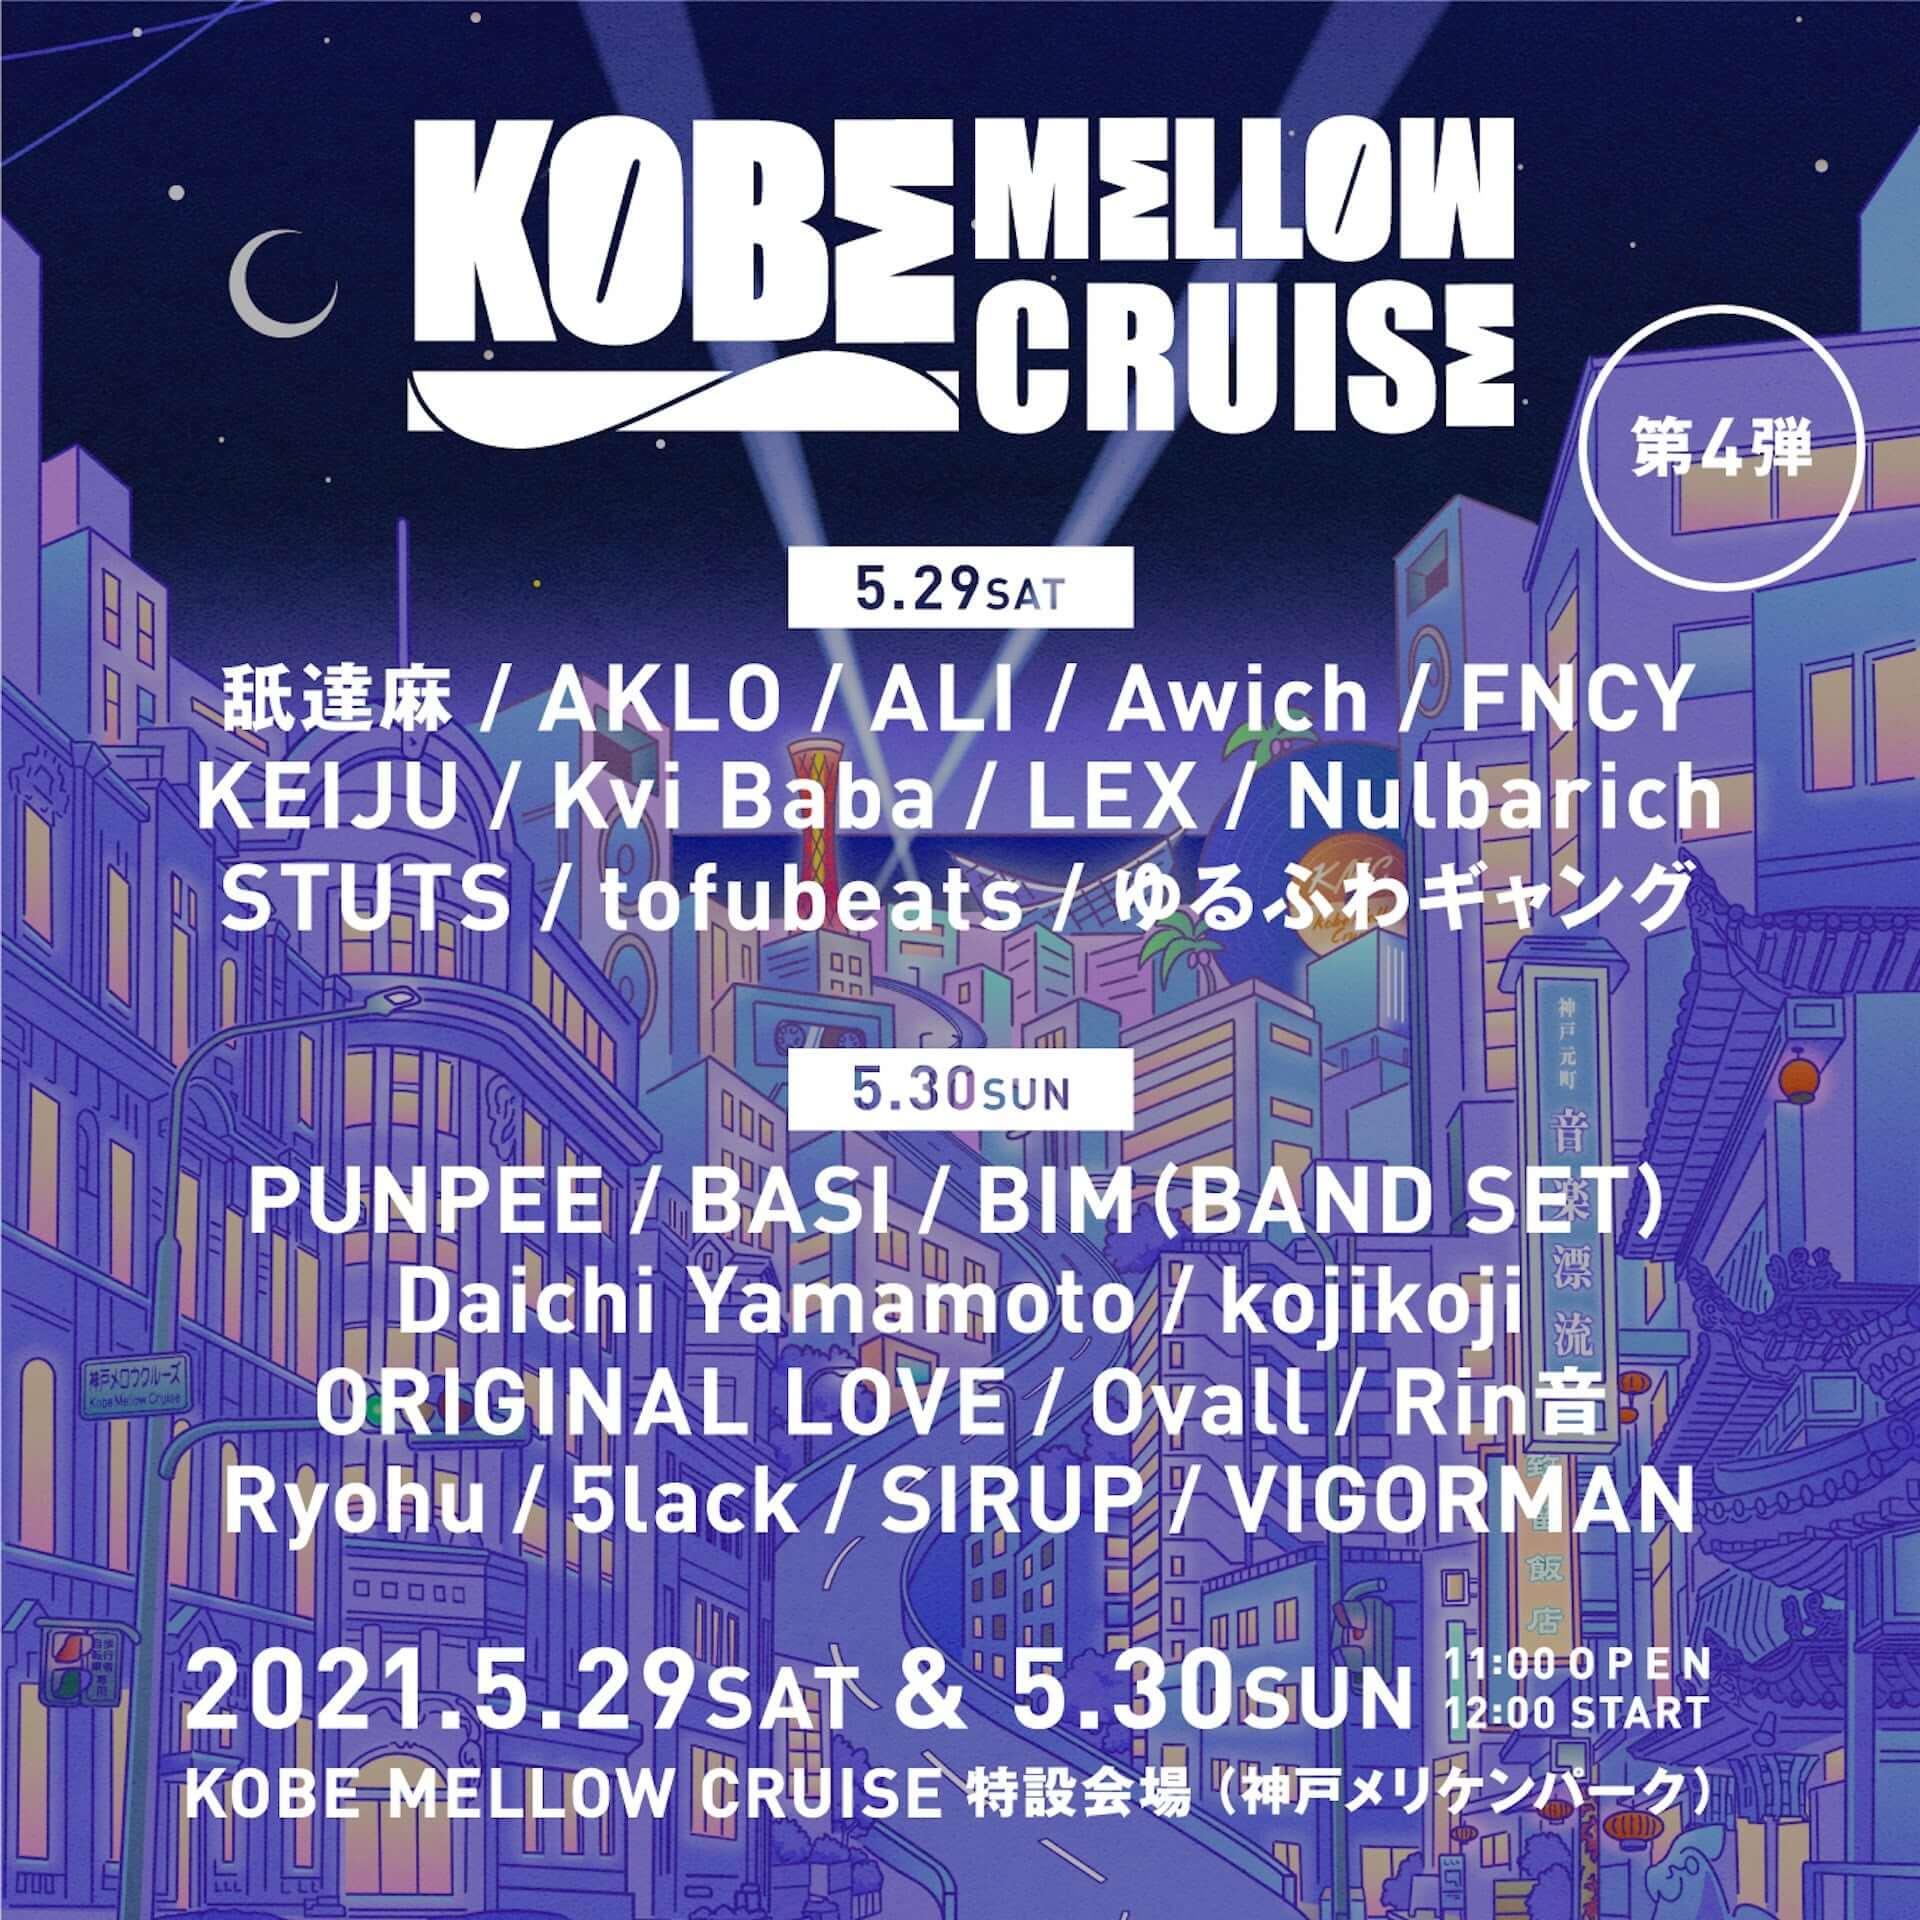 新フェス<KOBE MELLOW CRUISE>にNulbarich、BIM、5lack、VIGORMANが出演決定!計24組がラインナップ music210329_kmc_1-1920x1920